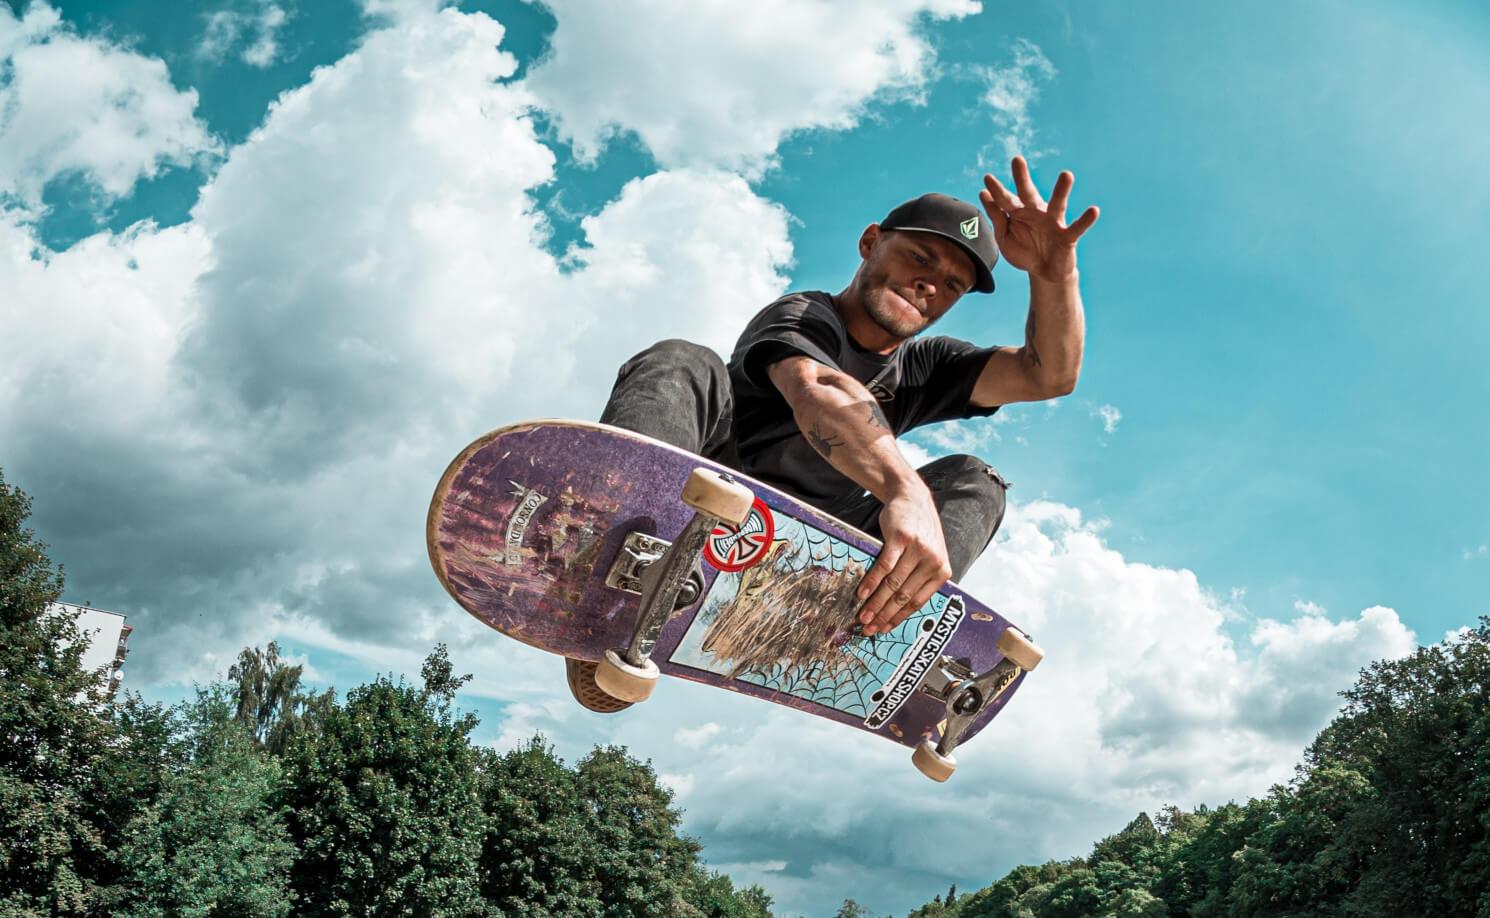 Skateboarder die een truc uitvoert